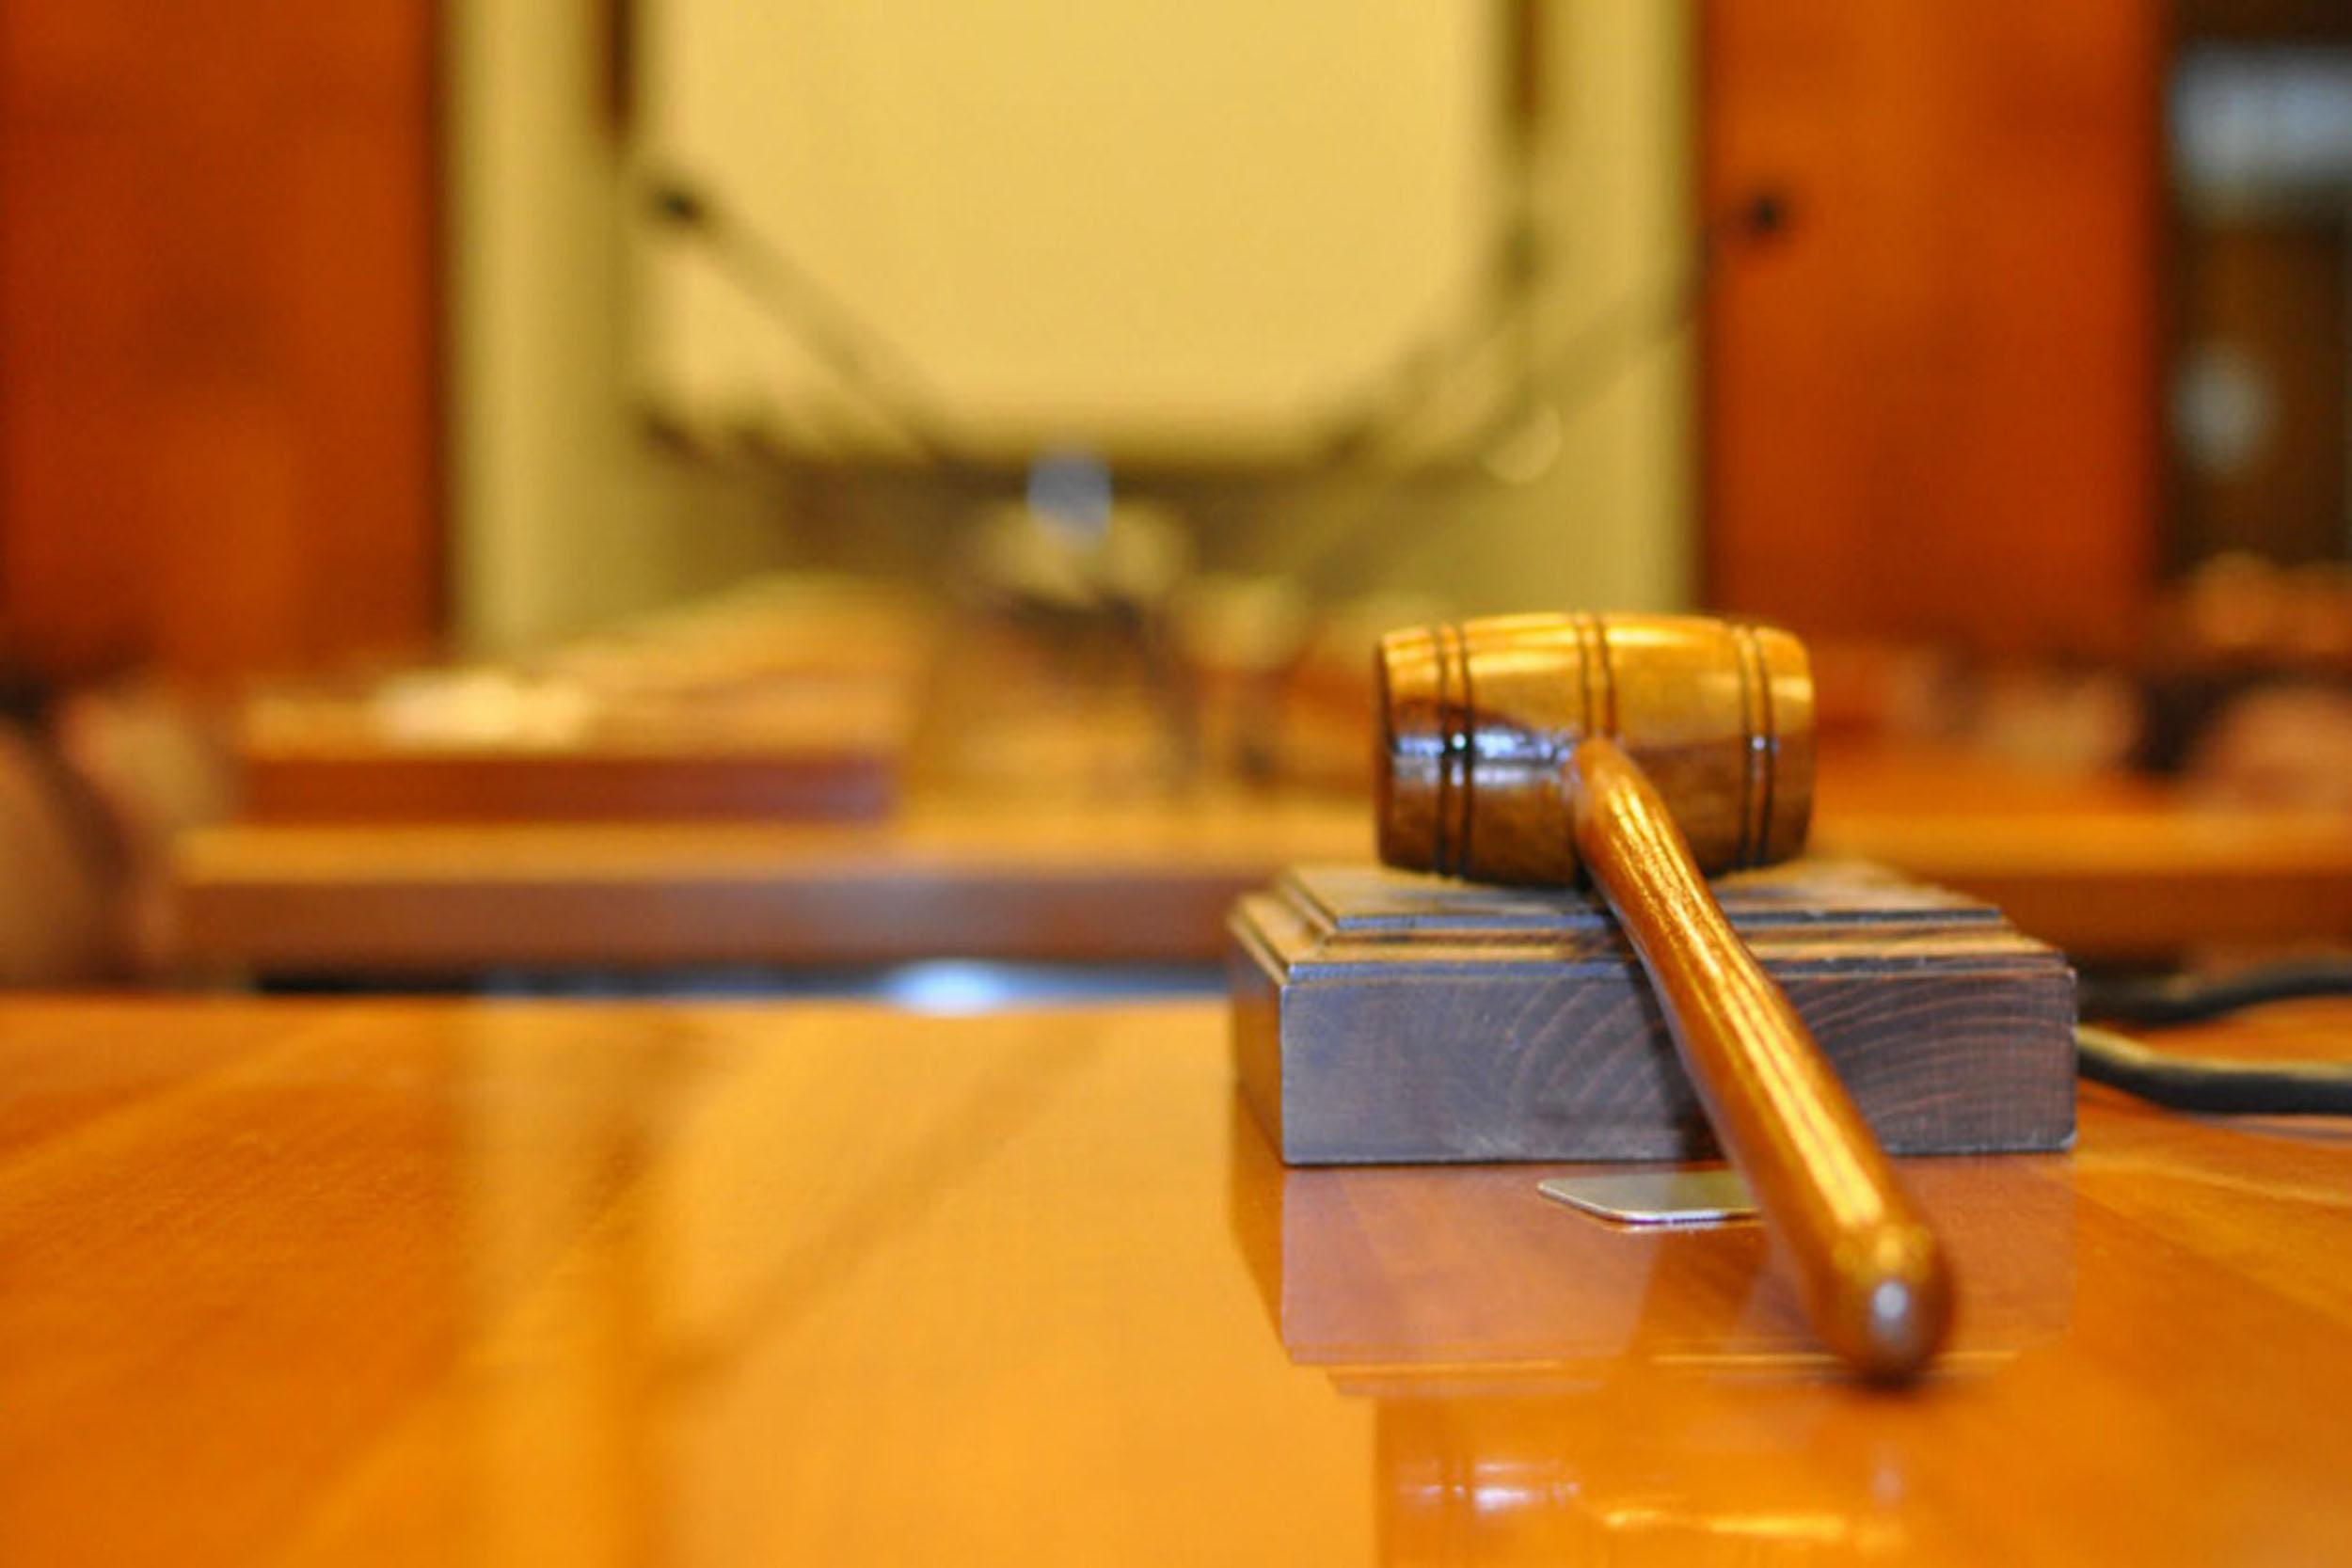 Νίκος Μανιαδάκης: Αντιφάσεις από το Δικαστικό Συμβούλιο που εξέδωσε το απαλλακτικό βούλευμα [ΒΙΟΓΡΑΦΙΚΟ – ΝΤΟΚΟΥΜΕΝΤΑ]